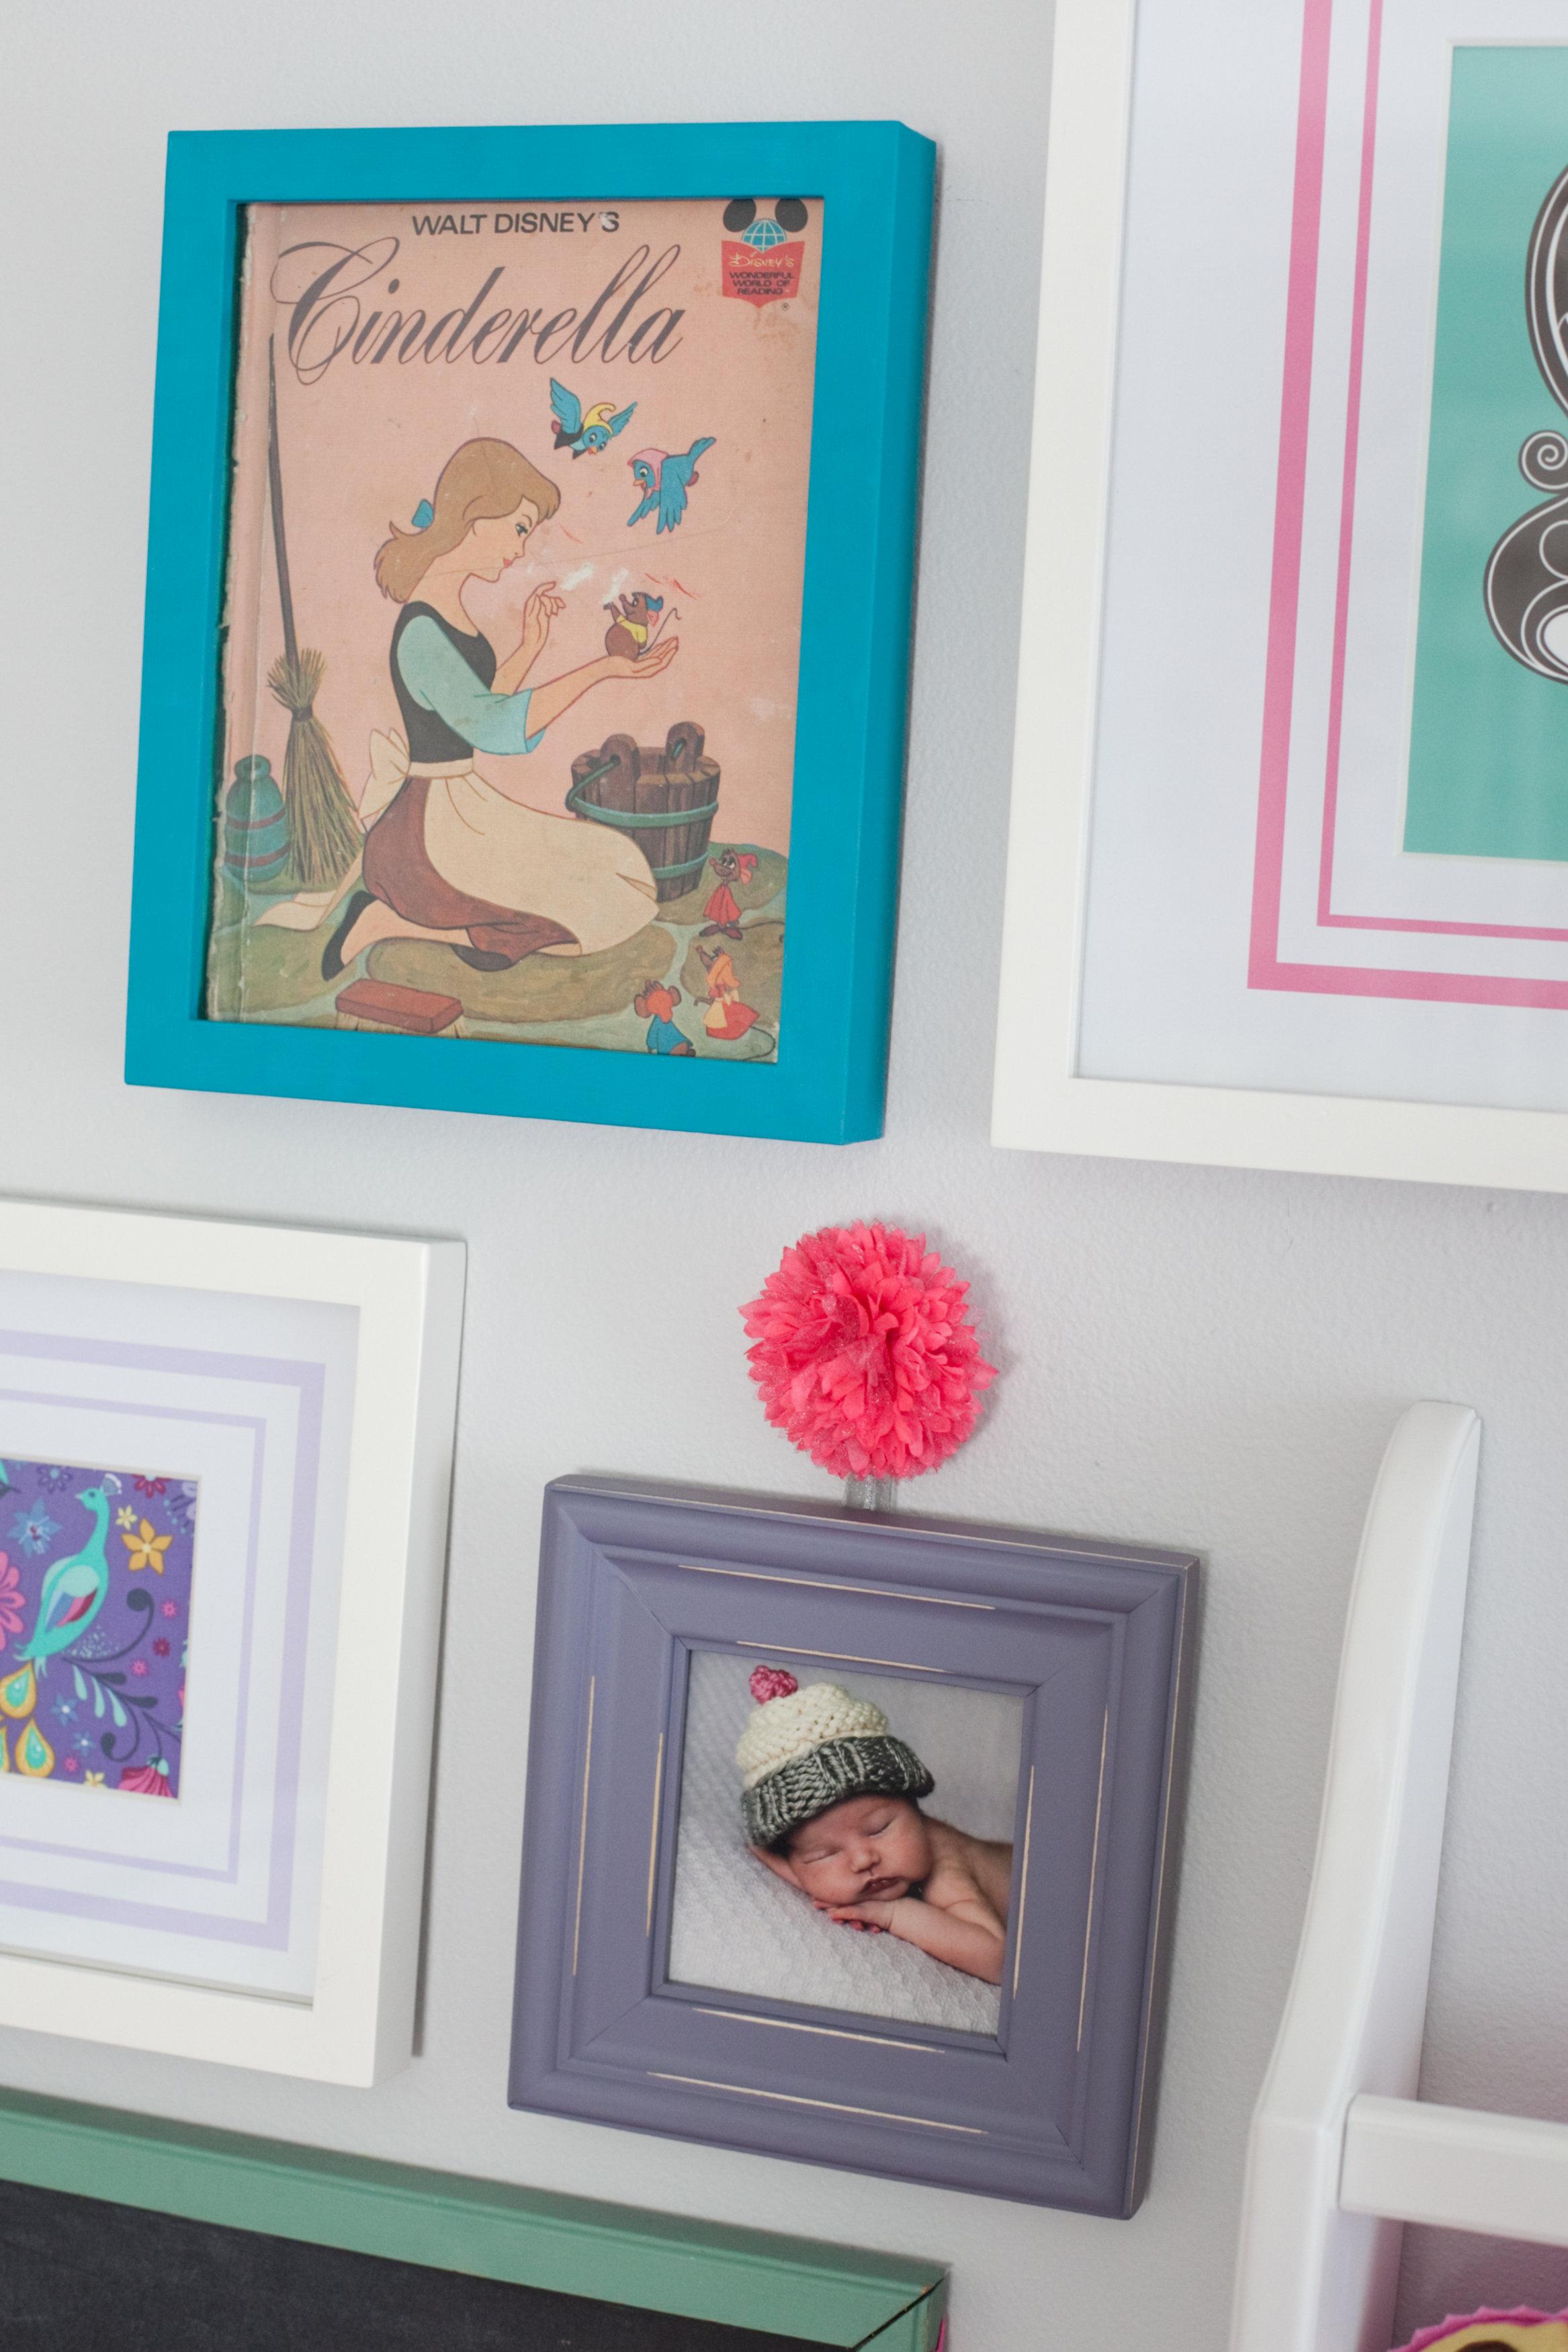 Nursery art idea: Framed children's book